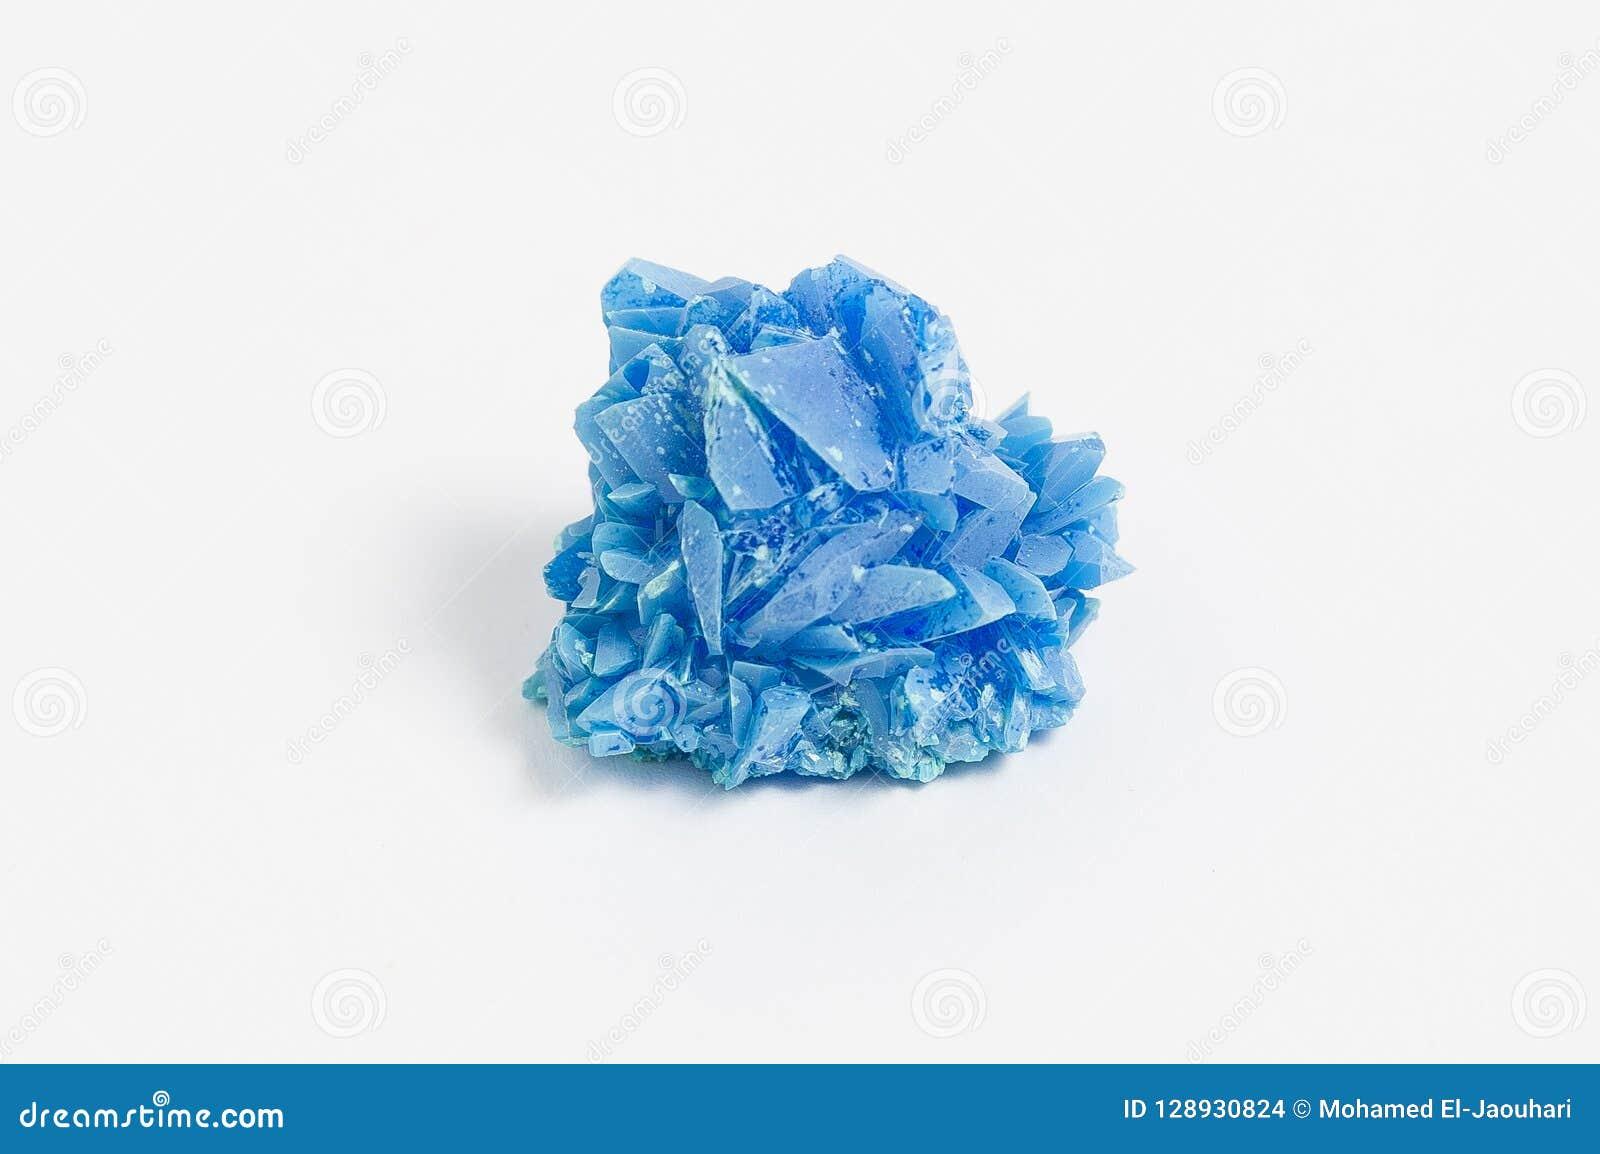 Minerale di calcantite su fondo bianco, anche conosciuto come il solfato di rame è pienamente colorato solfato solubile in acqua